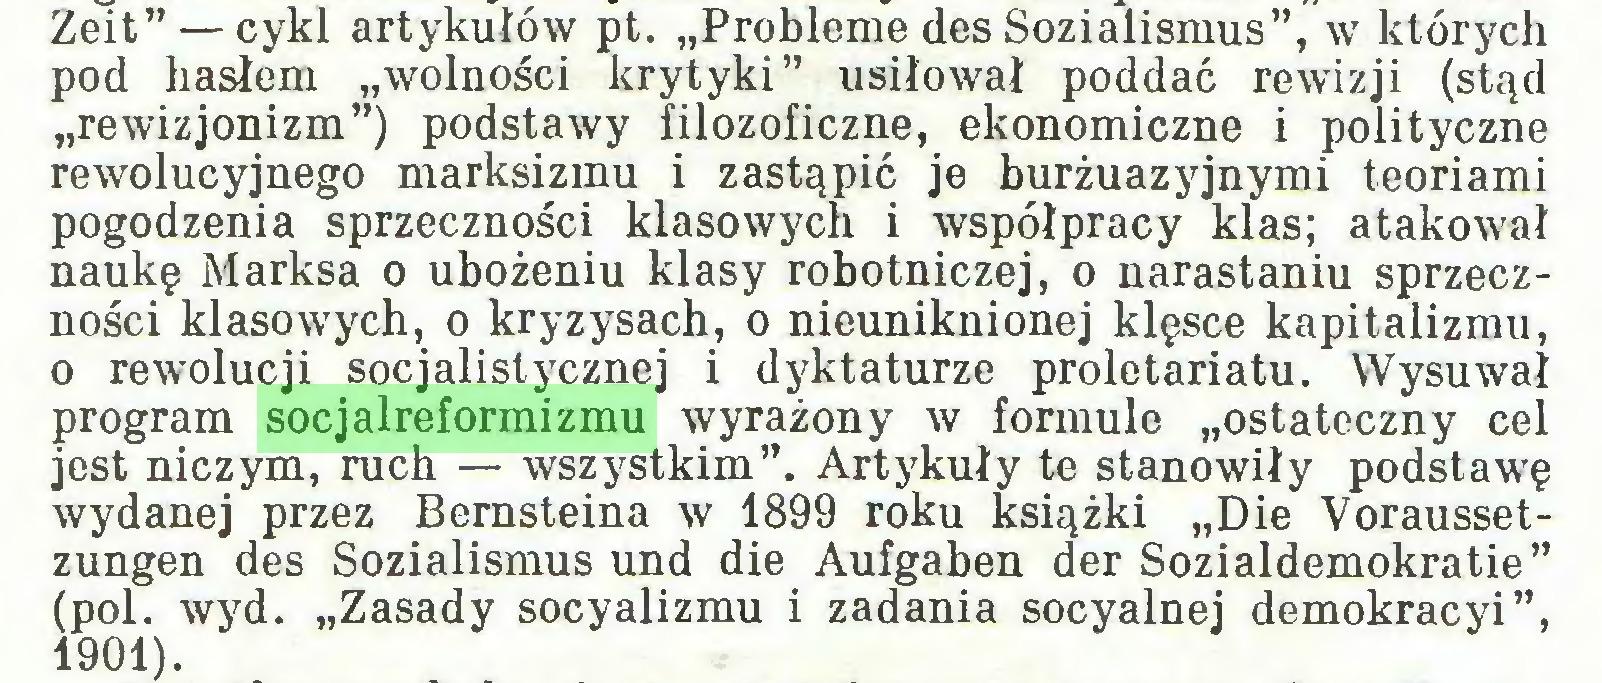 """(...) Zeit"""" — cykl artykułów pt. """"Probleme des Sozialismus"""", w których pod hasłem """"wolności krytyki"""" usiłował poddać rewizji (stąd """"rewizjonizm"""") podstawy filozoficzne, ekonomiczne i polityczne rewolucyjnego marksizmu i zastąpić je burżuazyjnymi teoriami pogodzenia sprzeczności klasowych i współpracy klas; atakował naukę Marksa o ubożeniu klasy robotniczej, o narastaniu sprzeczności klasowych, o kryzysach, o nieuniknionej klęsce kapitalizmu, o rewolucji socjalistycznej i dyktaturze proletariatu. Wysuwał program socjalreformizmu wyrażony w formule """"ostateczny cel jest niczym, ruch — wszystkim"""". Artykuły te stanowiły podstawę wydanej przez Bernsteina w 1899 roku książki """"Die Voraussetzungen des Sozialismus und die Aufgaben der Sozialdemokratie"""" (pol. wyd. """"Zasady socyalizmu i zadania socyalnej demokracyi"""", 1901)..."""